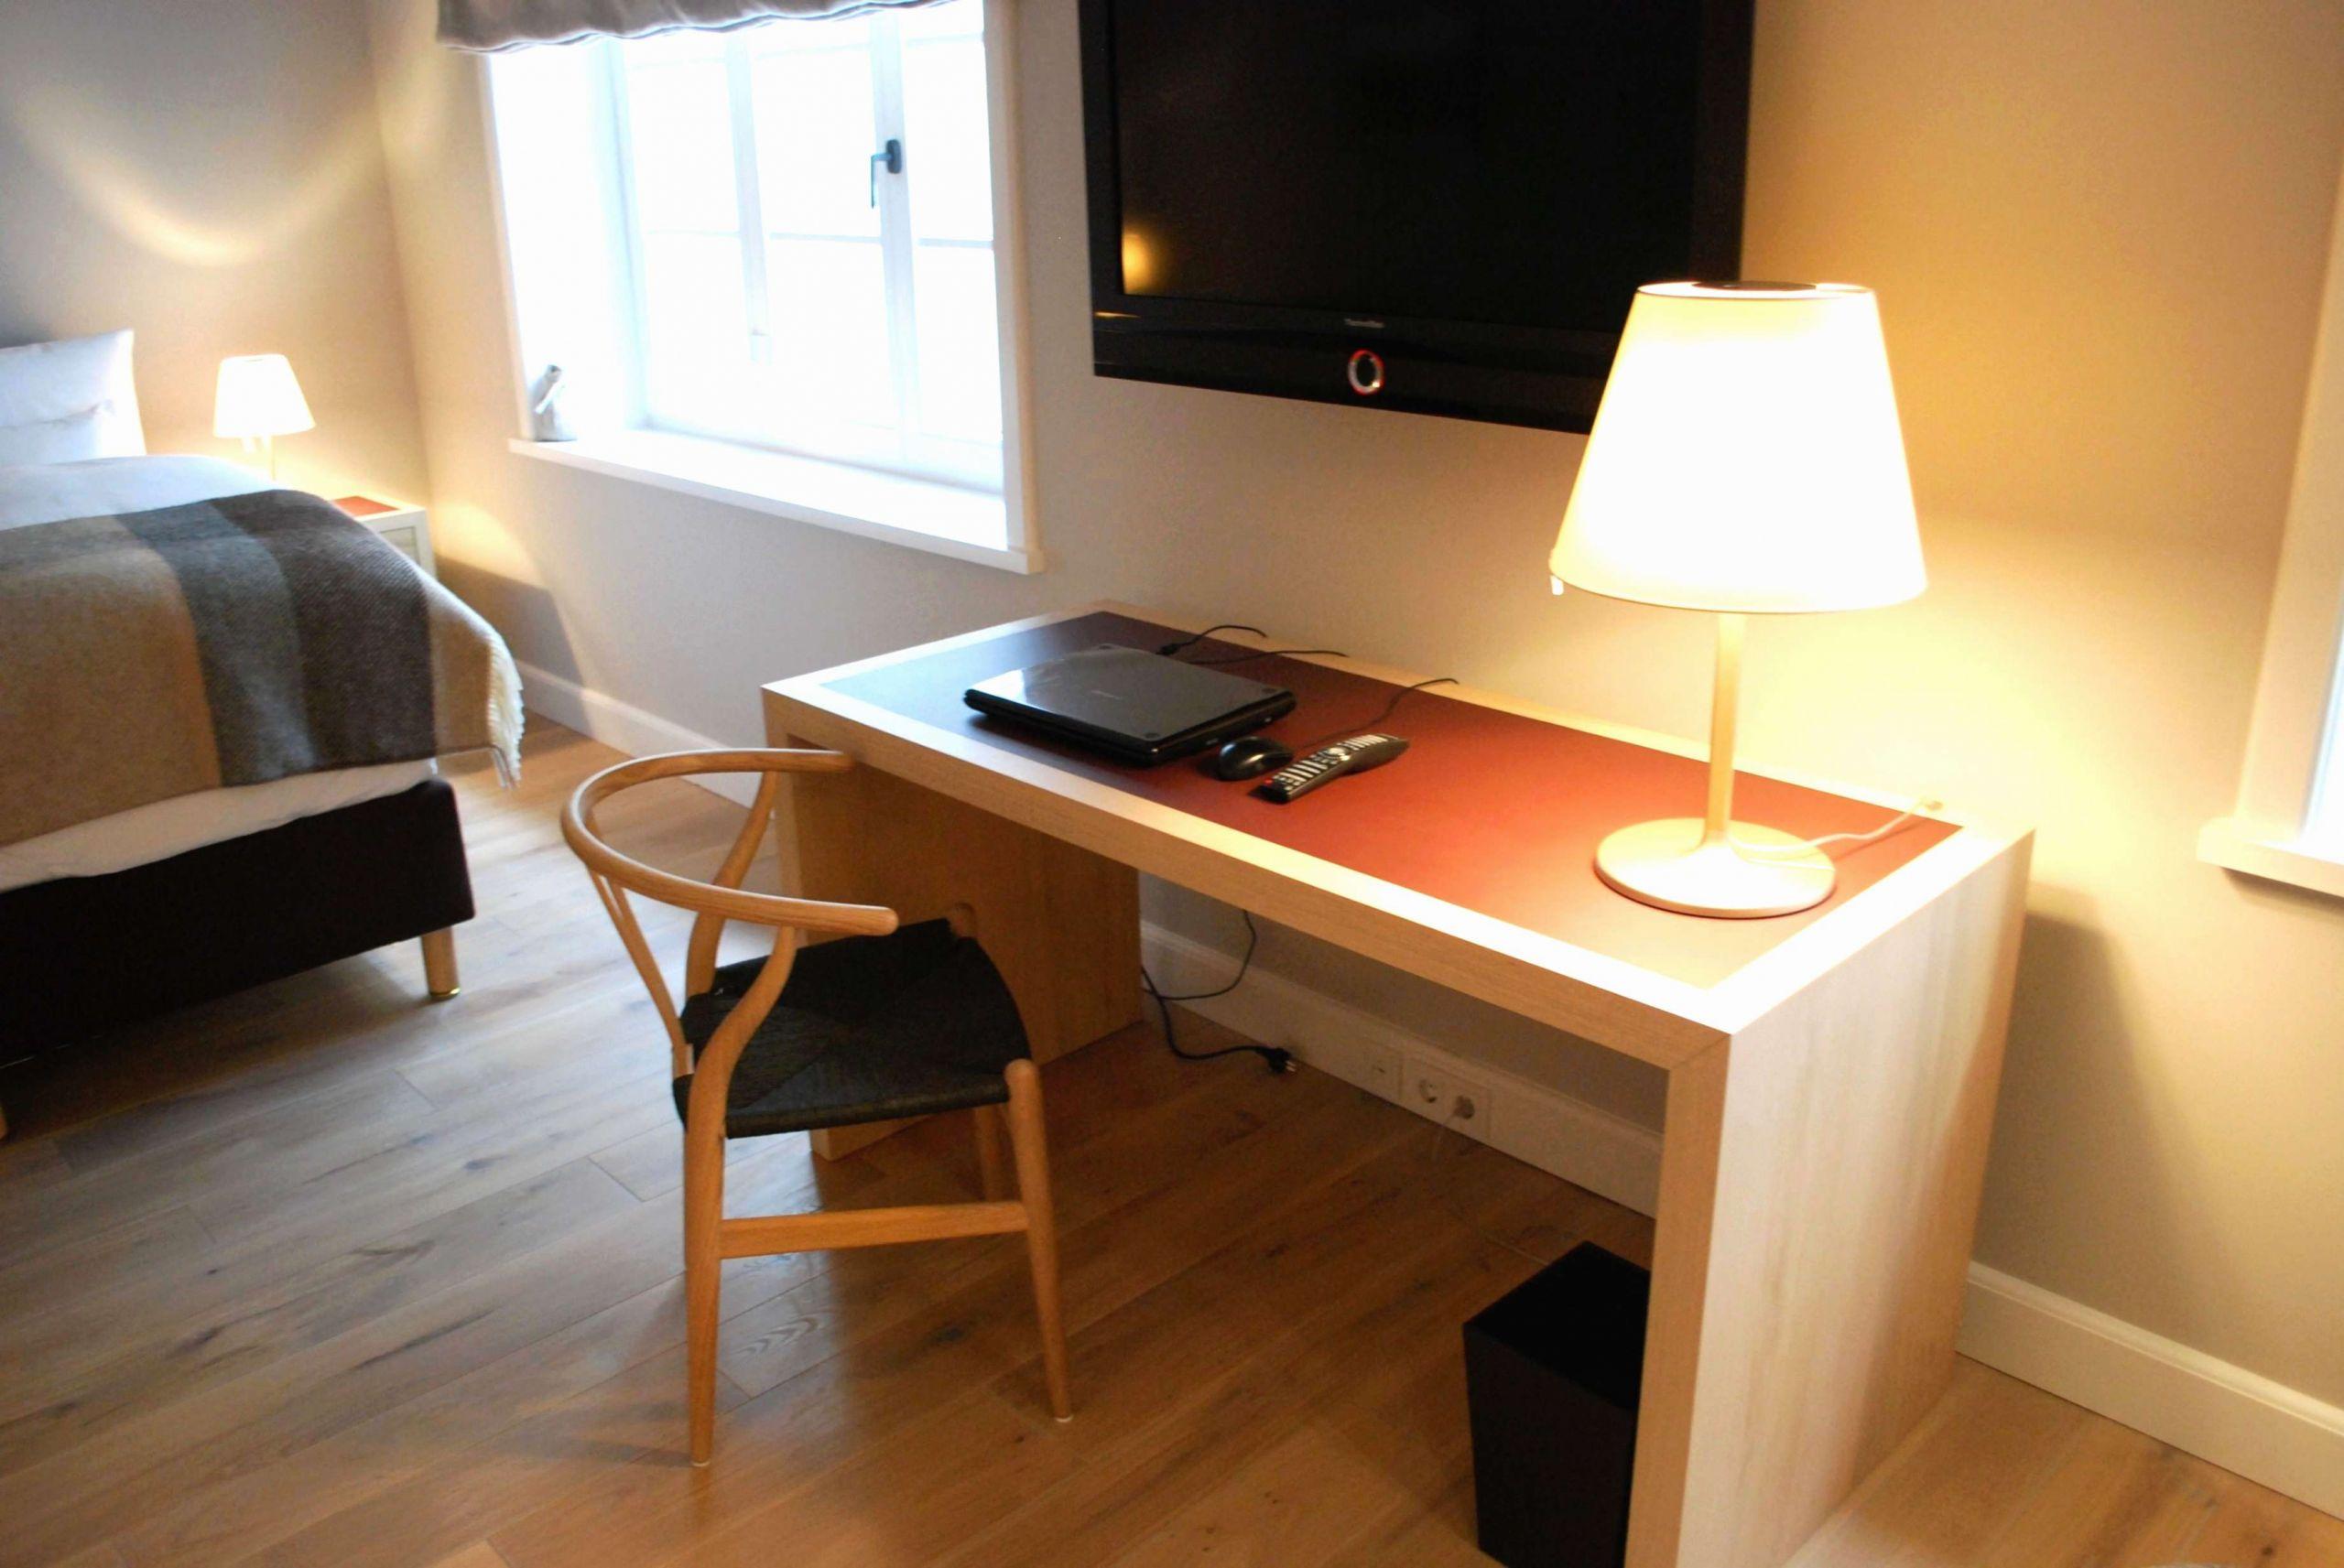 wohnzimmer ideen wandgestaltung stein wohnzimmer accessoires 0d wandgestaltung wohnzimmer steinoptik wandgestaltung wohnzimmer steinoptik